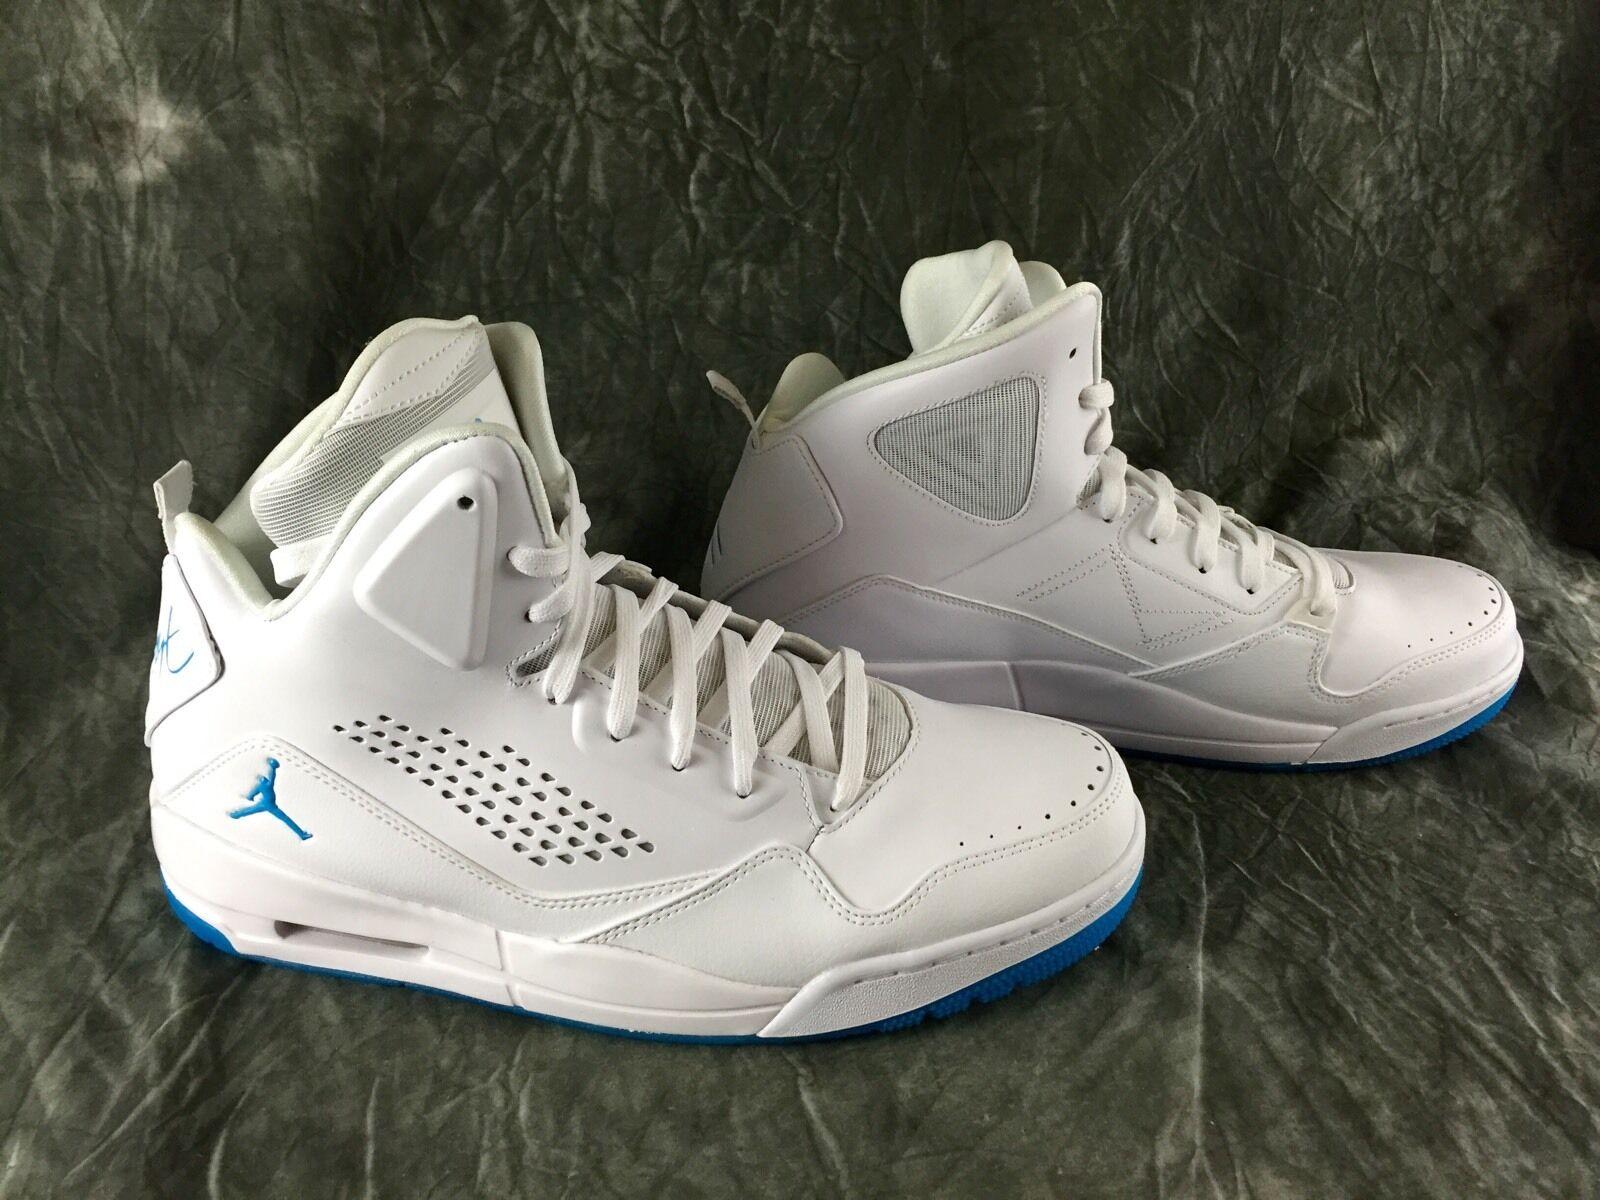 Nueva Nike Jordan sc 3 Prem polvo blanco azul azul azul zapatos 641444-107 Hombre cómodo casual salvaje b4a8cd